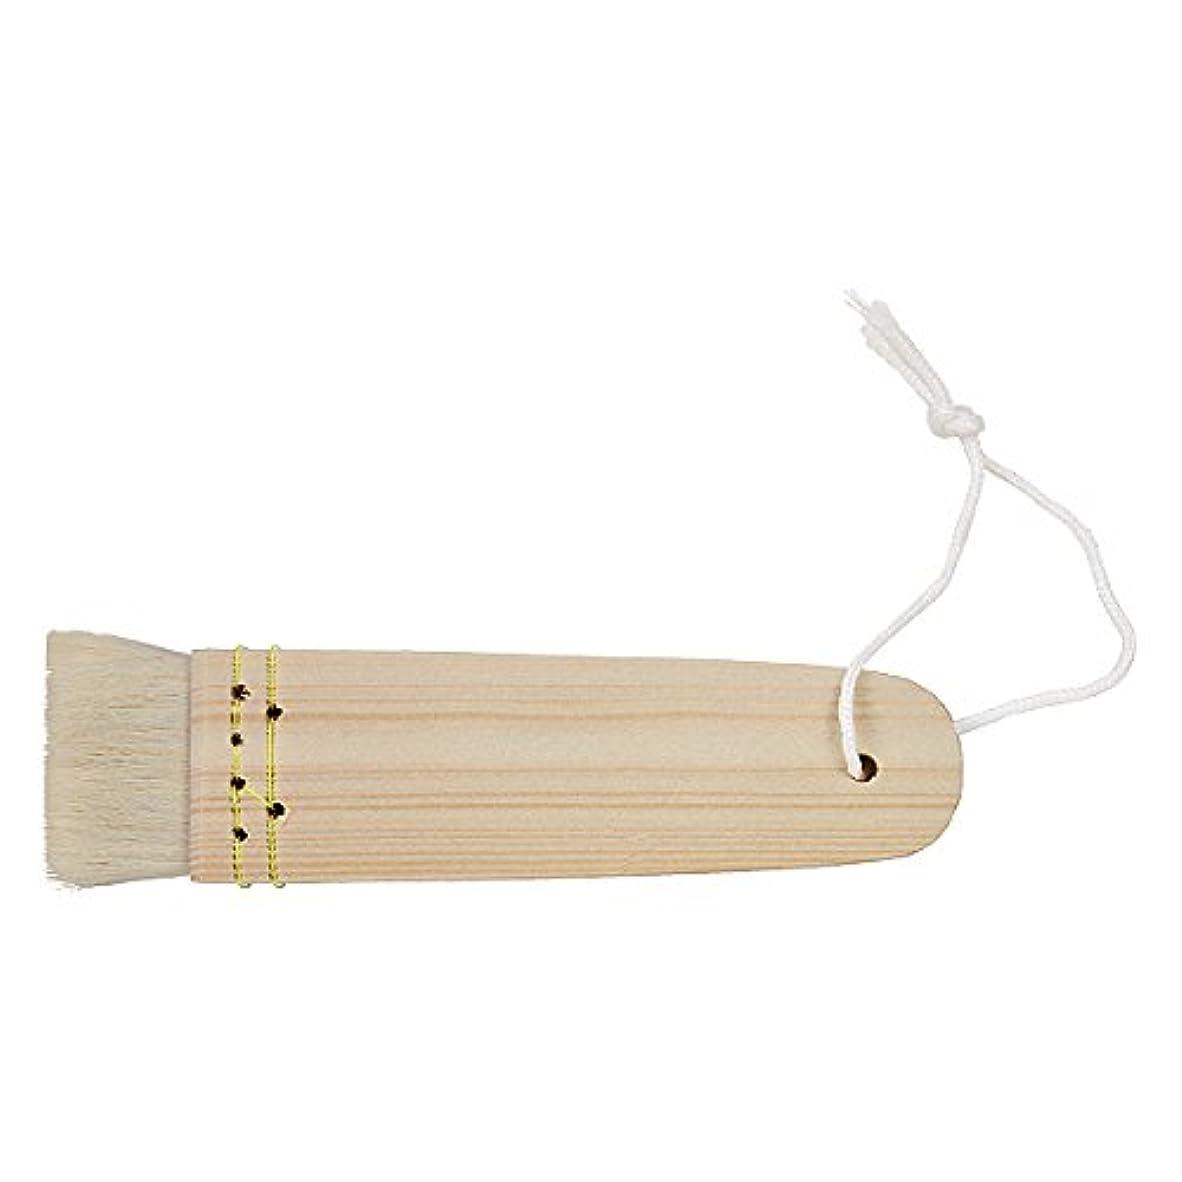 ガラガラ賞板バケ 長寸 全長12.6cm